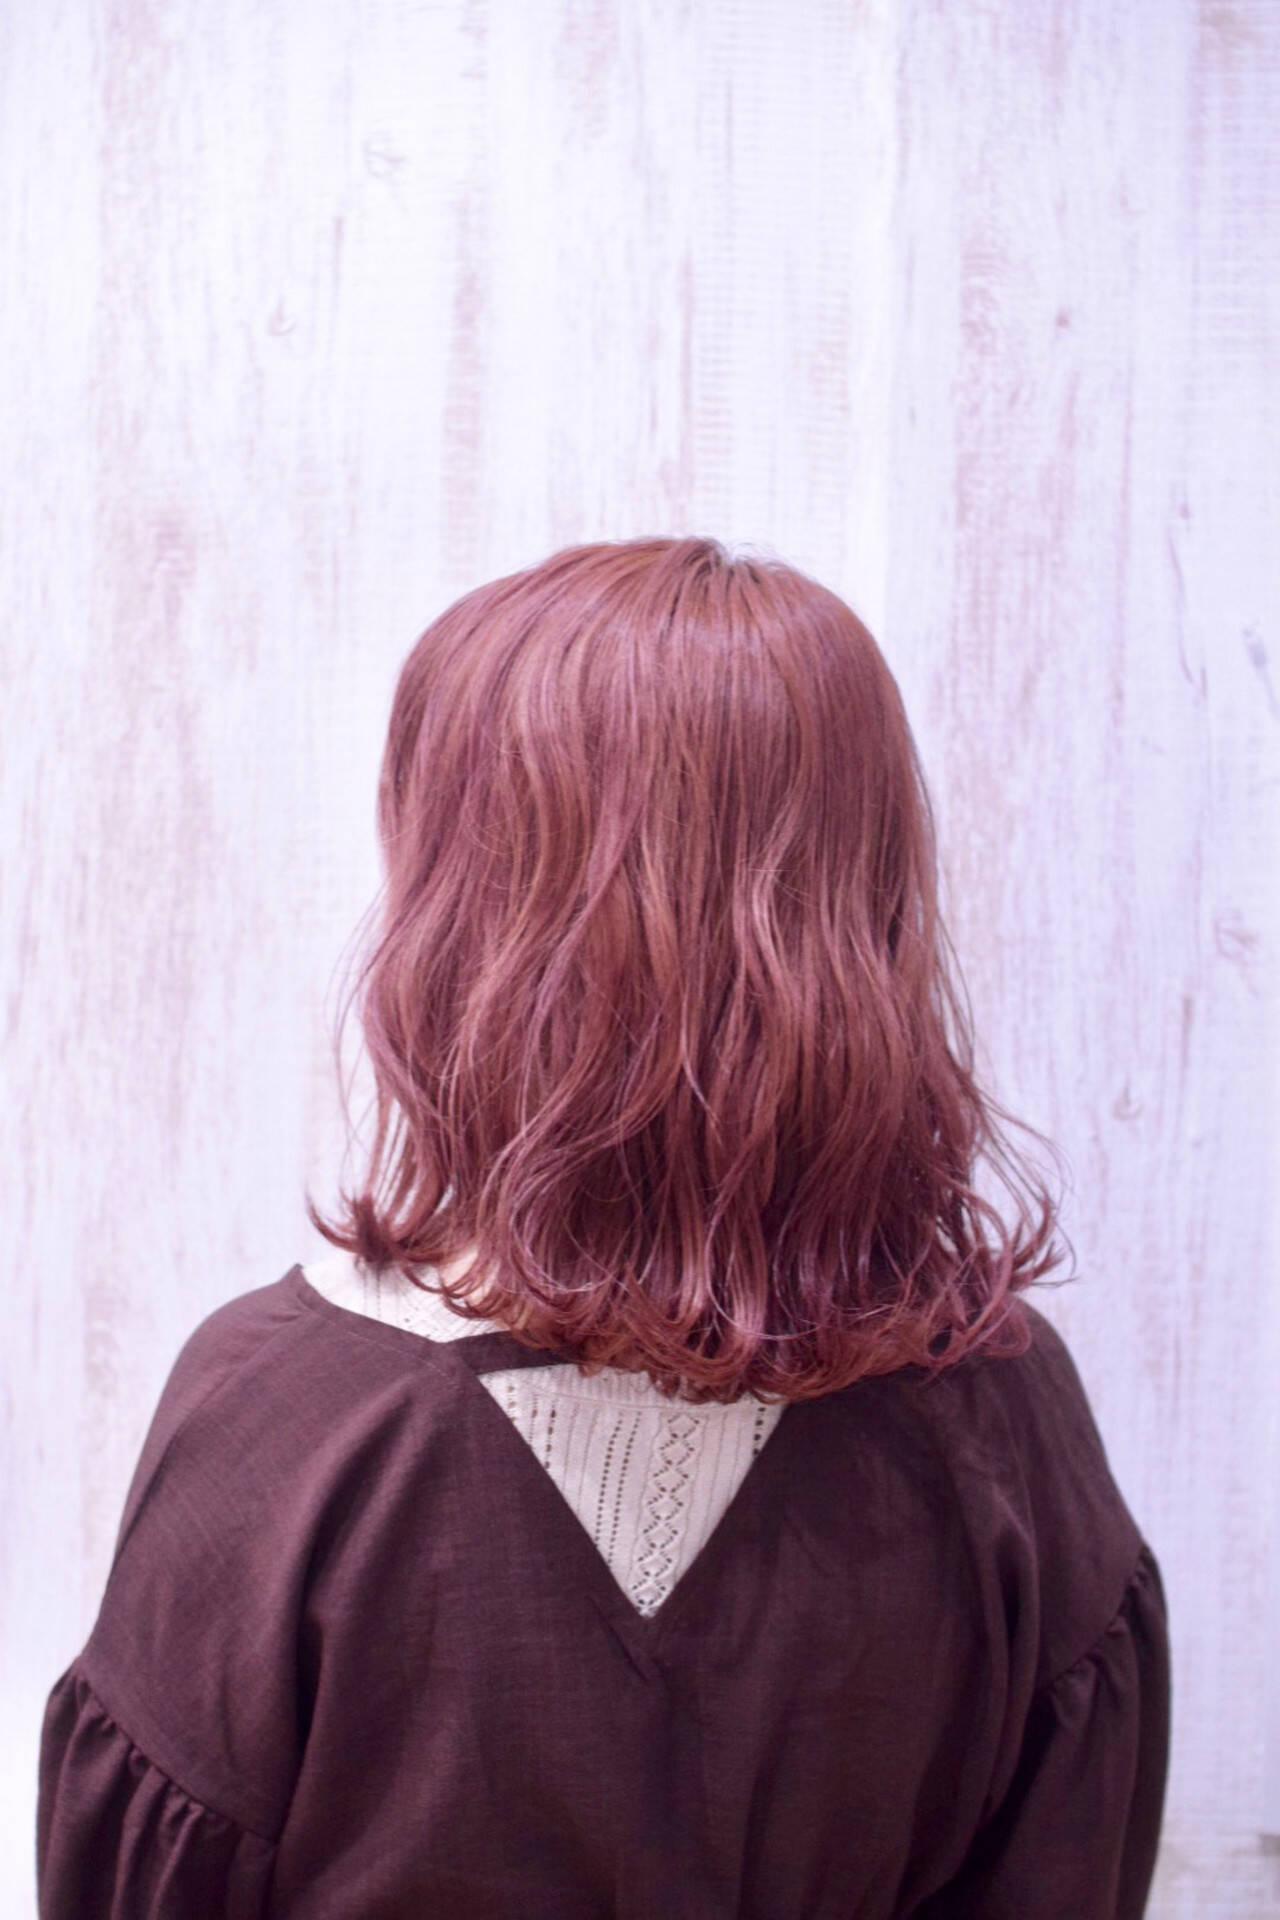 フェミニン チェリーレッド ミディアム コリアンカラーヘアスタイルや髪型の写真・画像